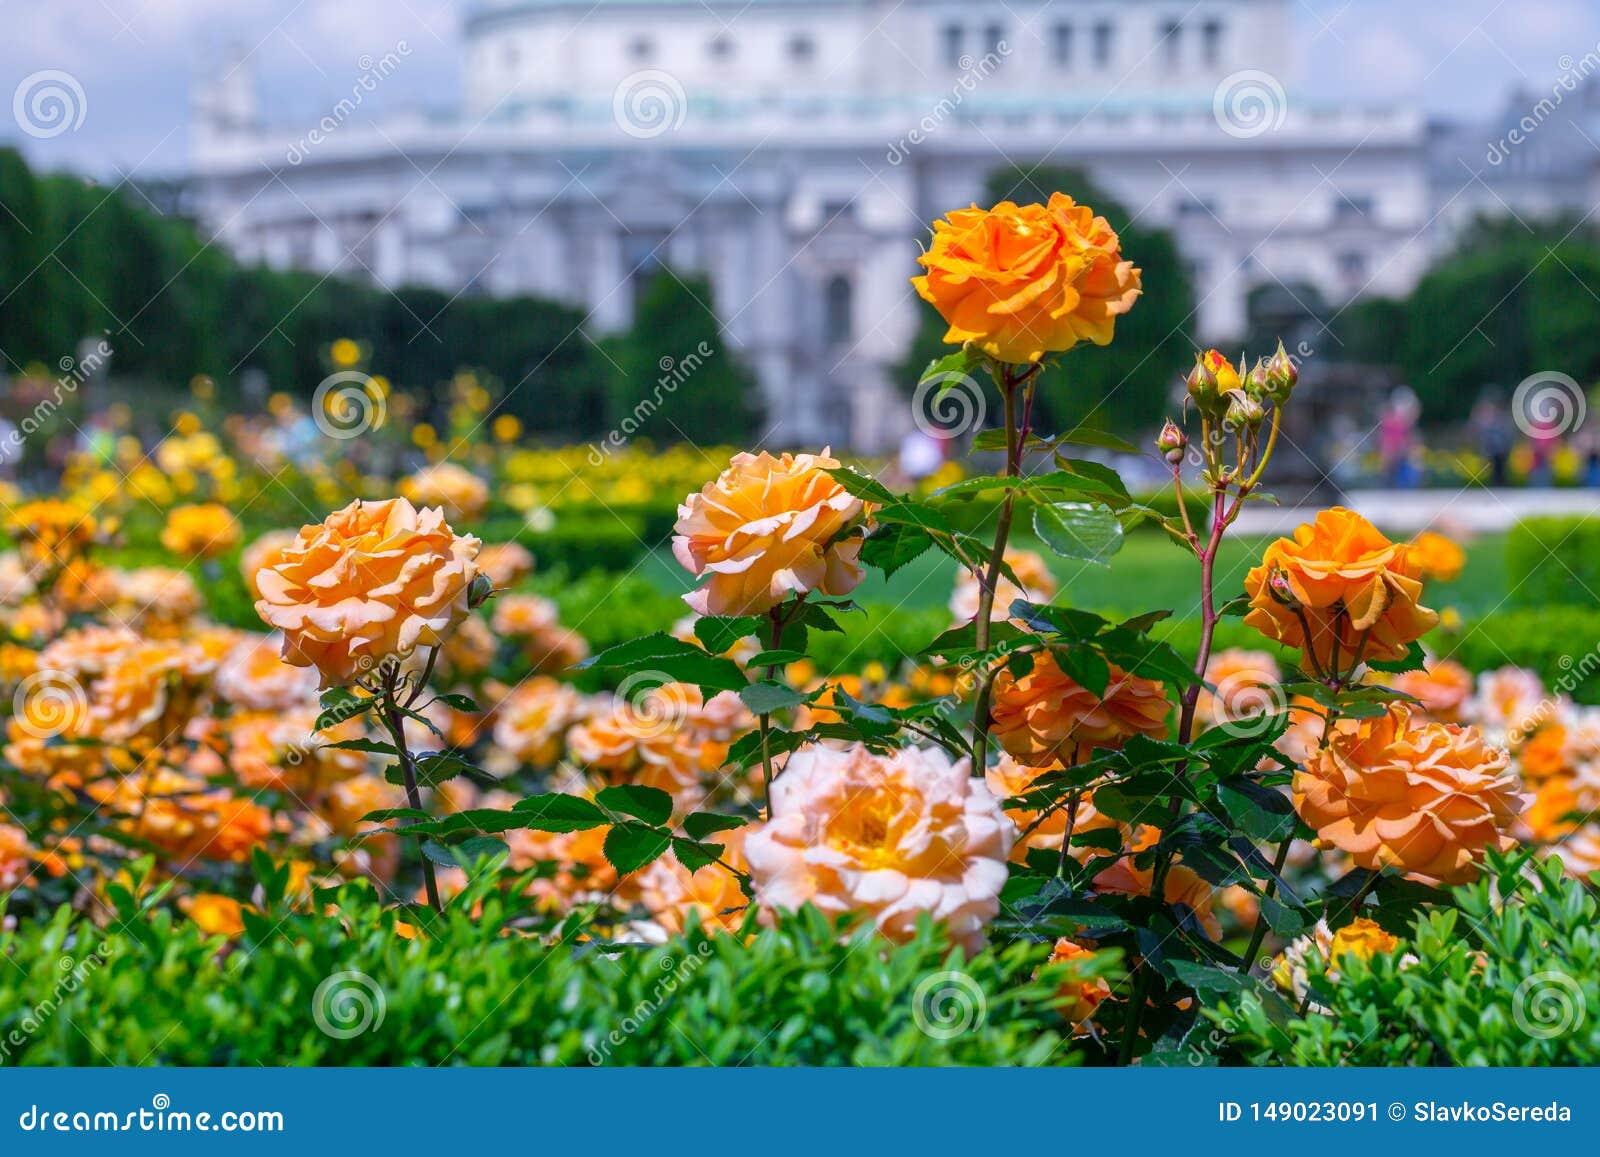 Weelderige bloeiende oranje rozen in roze tuin Volksgarten( people' s park) in Wenen, Oostenrijk